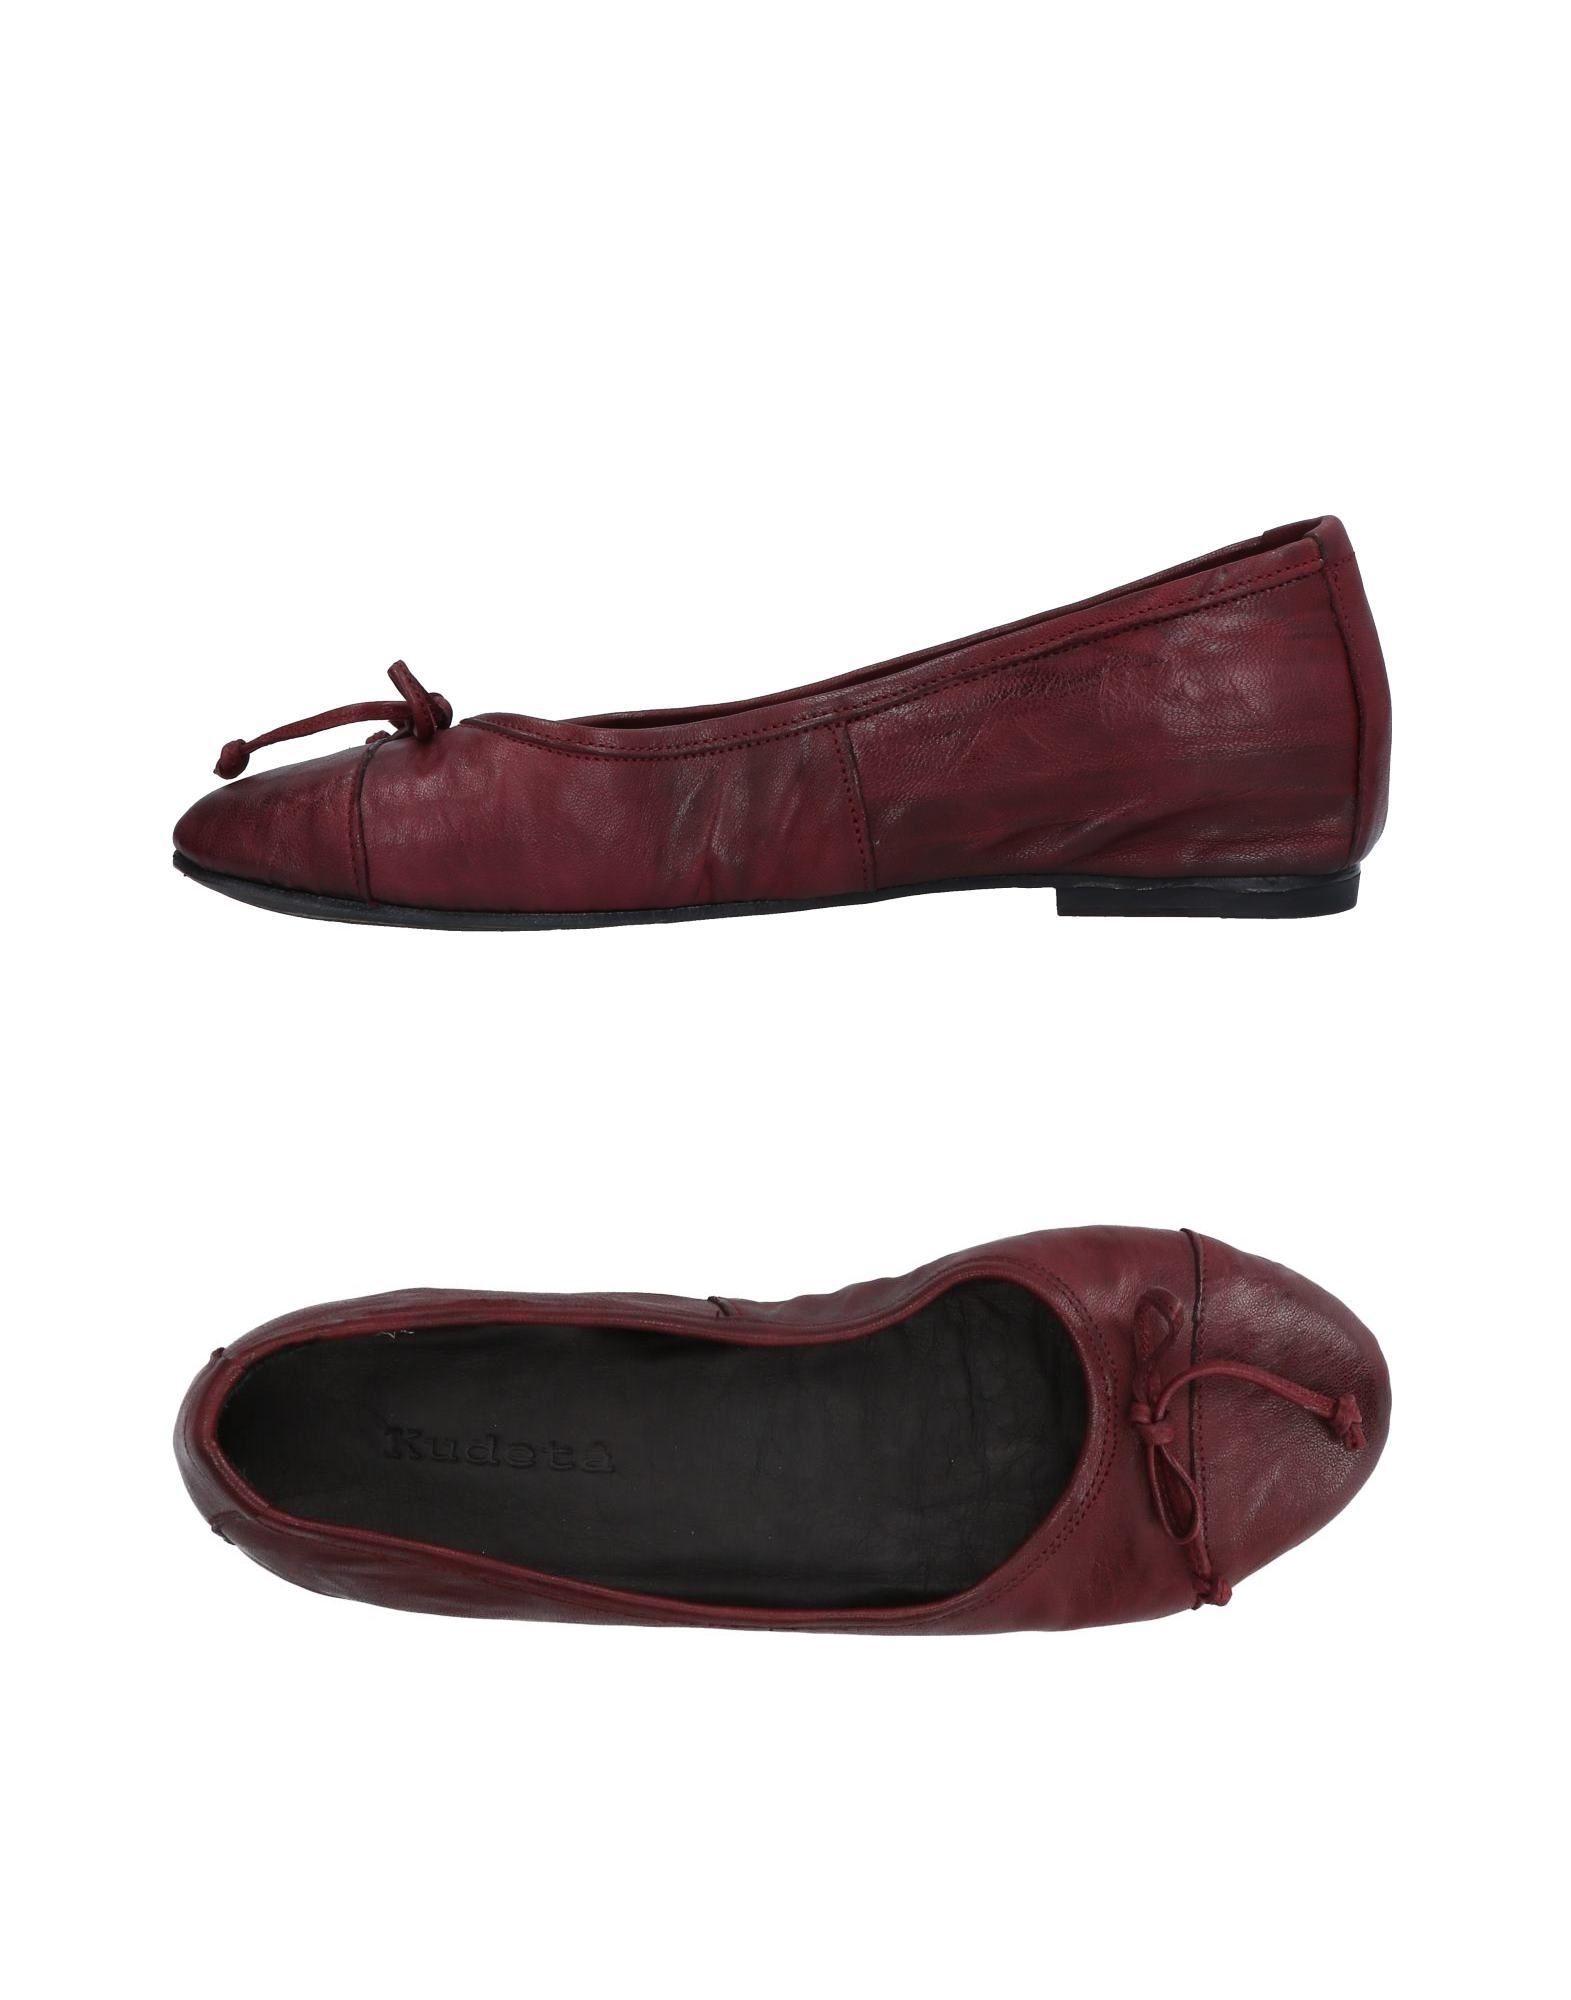 Kudetà Ballerinas Damen  11479849XT Gute Qualität beliebte Schuhe